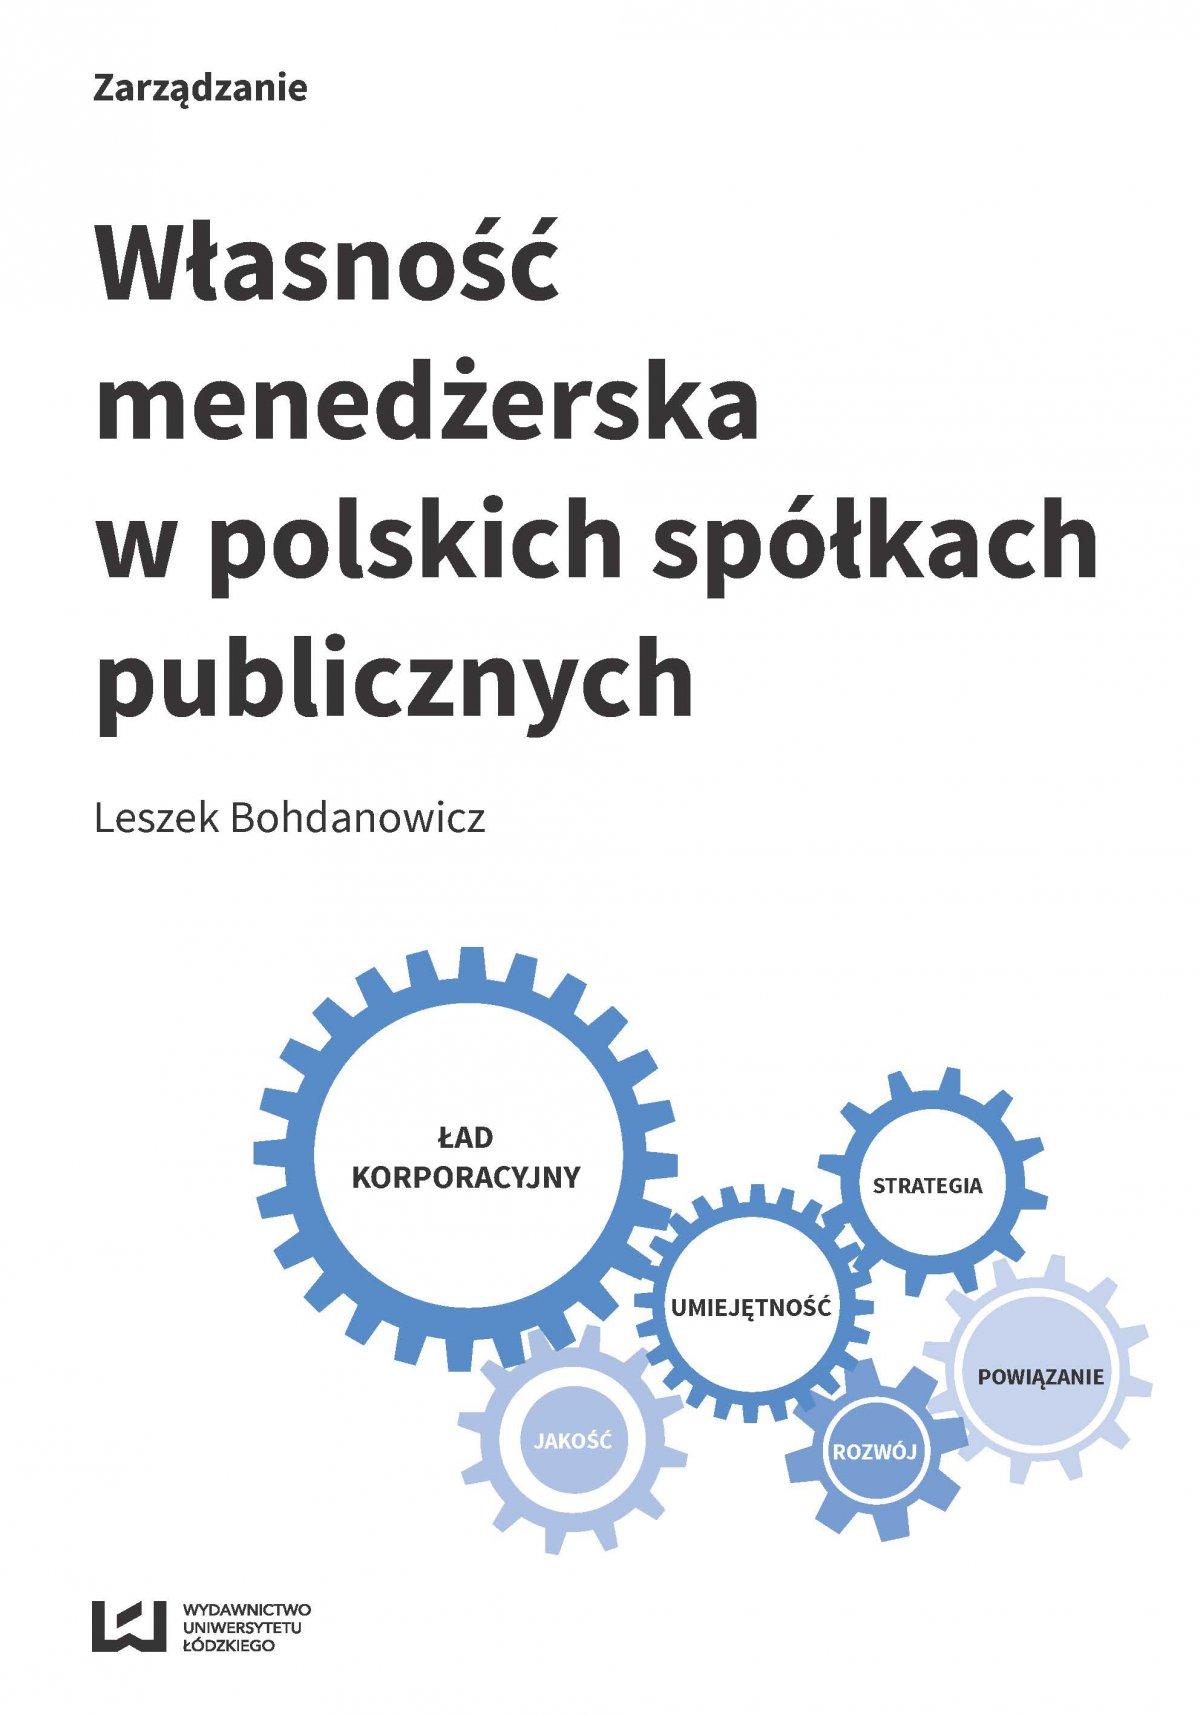 Własność menedżerska w polskich spółkach publicznych - Ebook (Książka PDF) do pobrania w formacie PDF